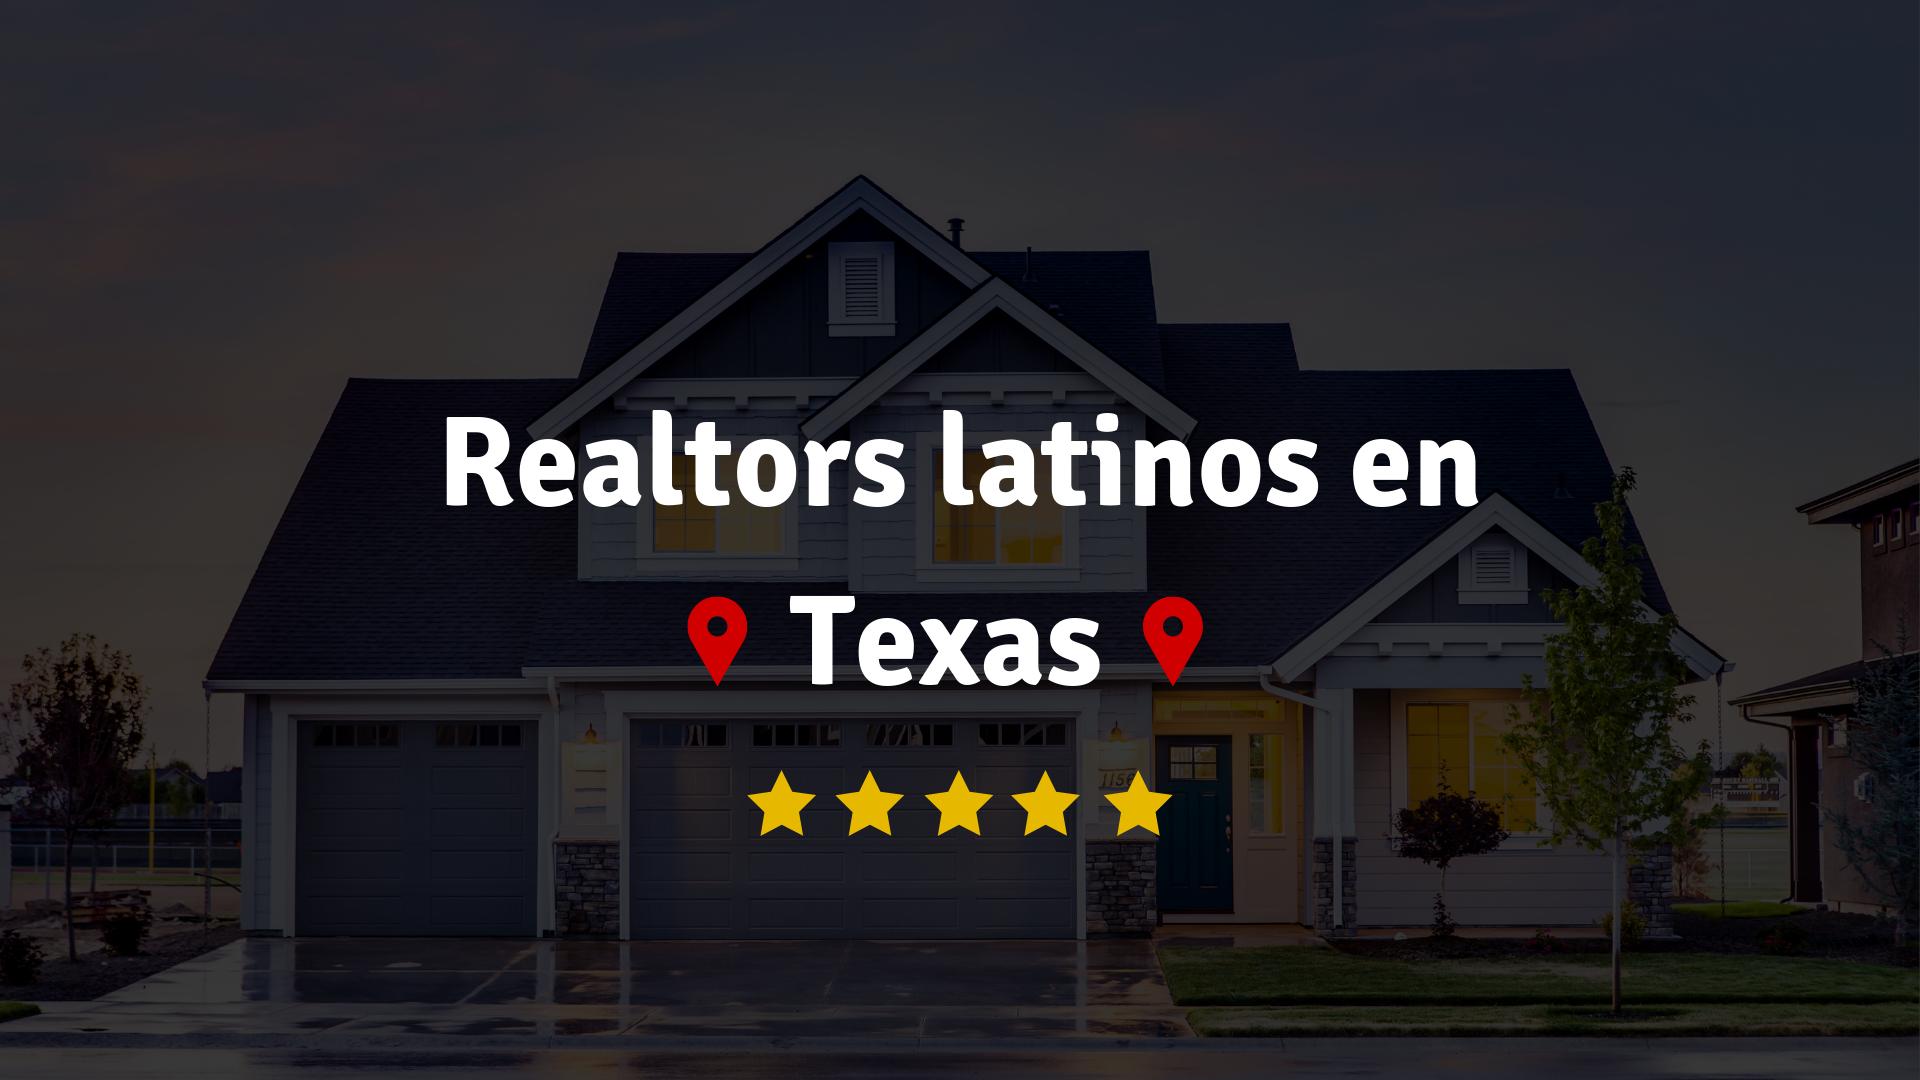 Realtors latinos en Texas.png